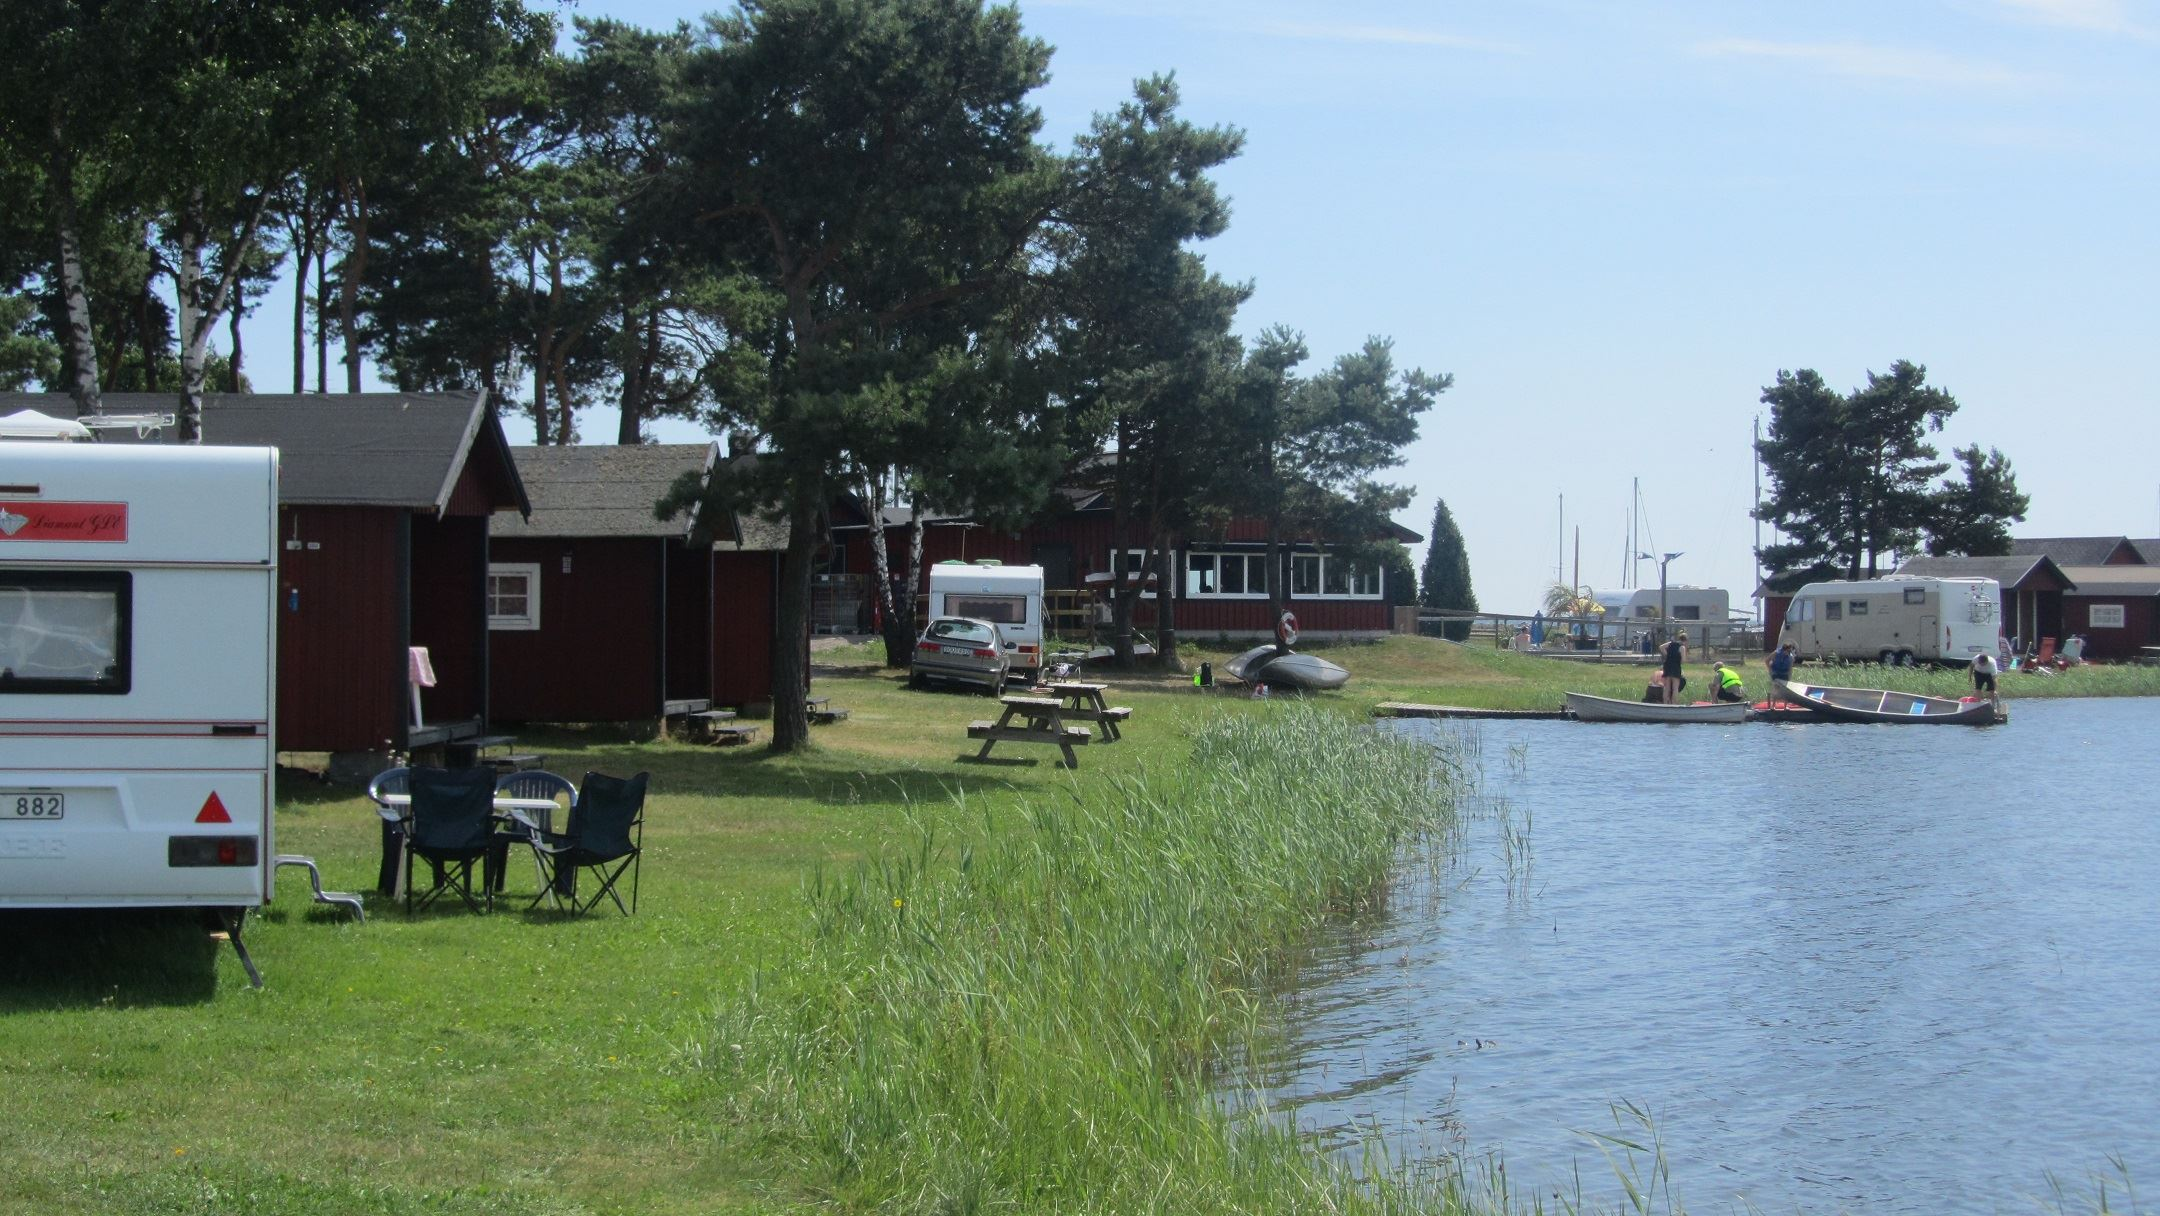 Dalskärs Camping